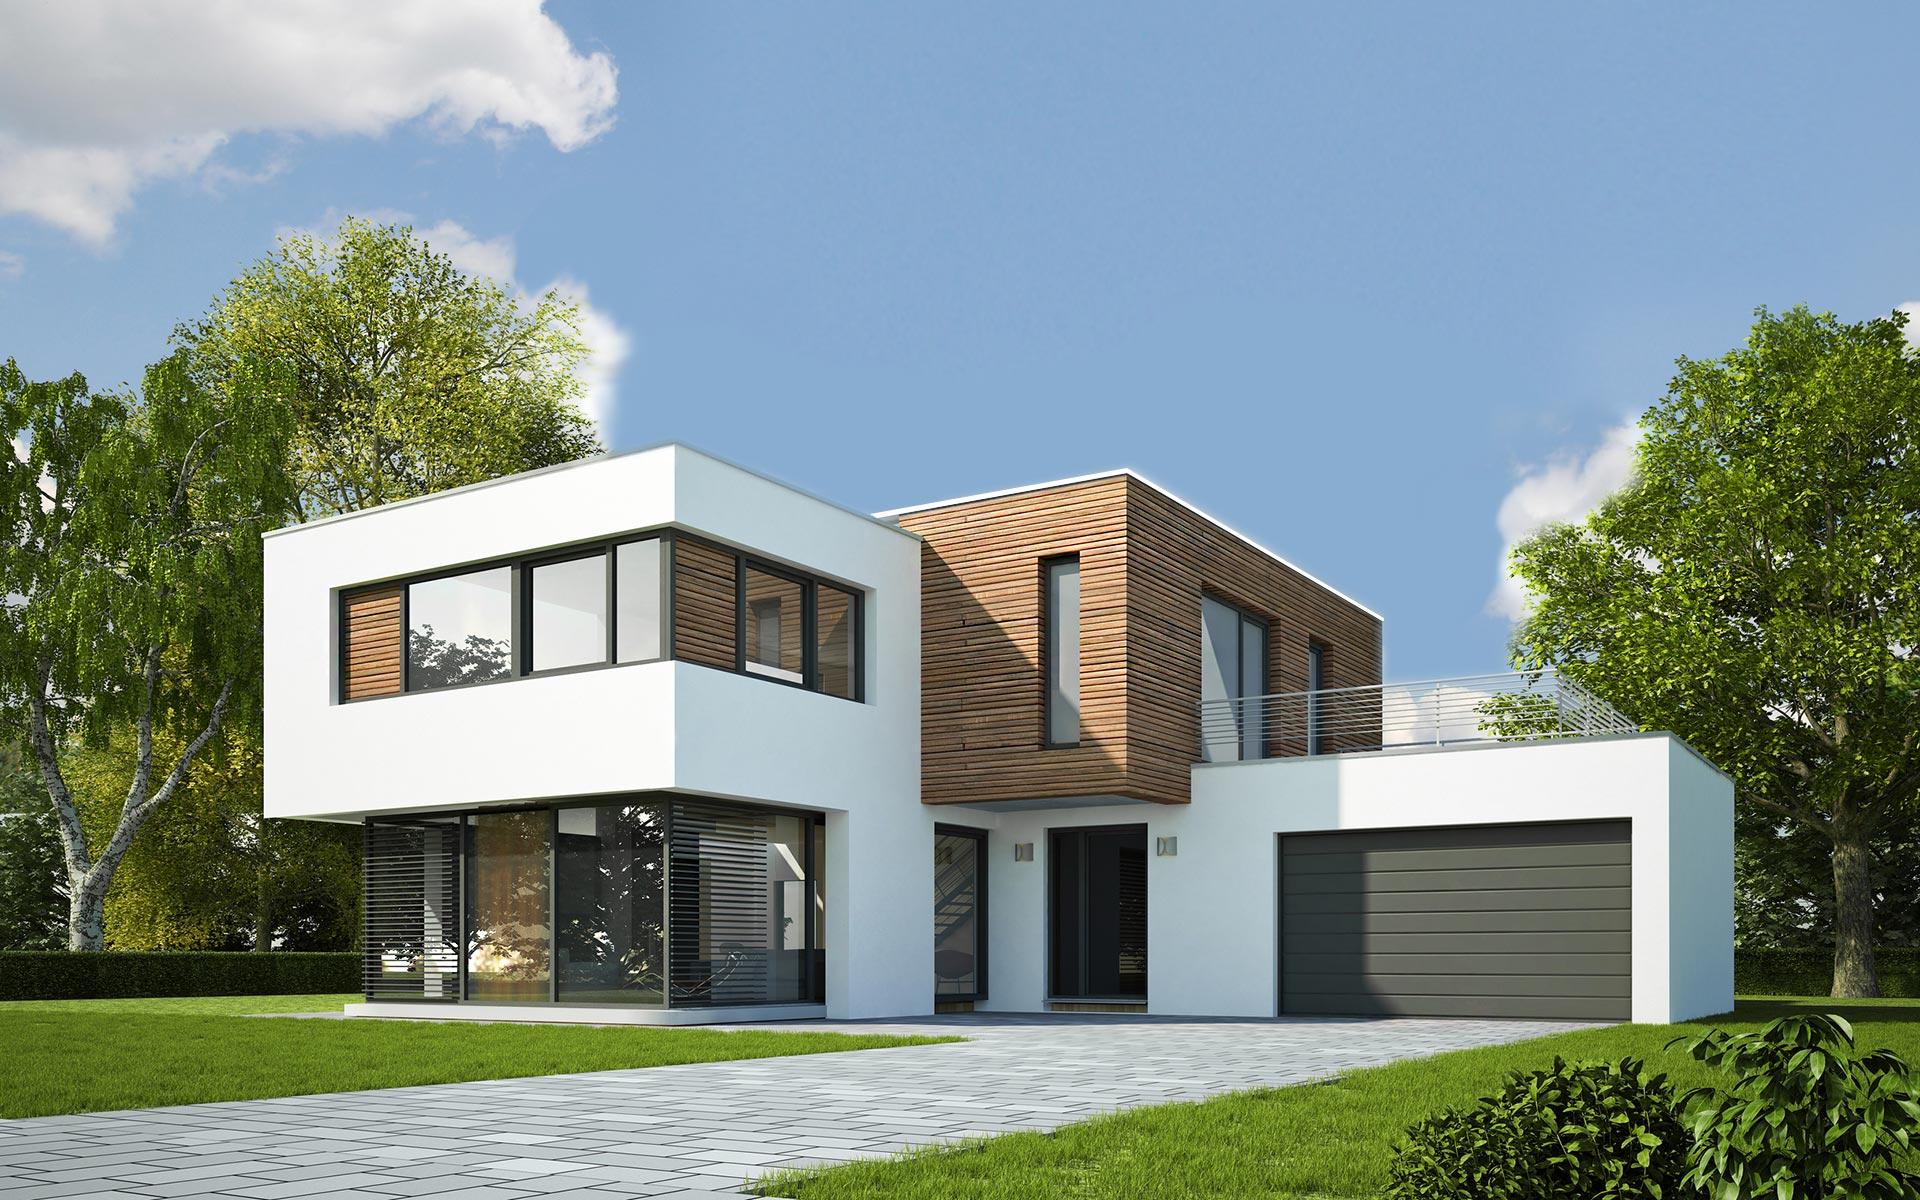 Bild von Haus mit Fassadenverkleidung dekotrim